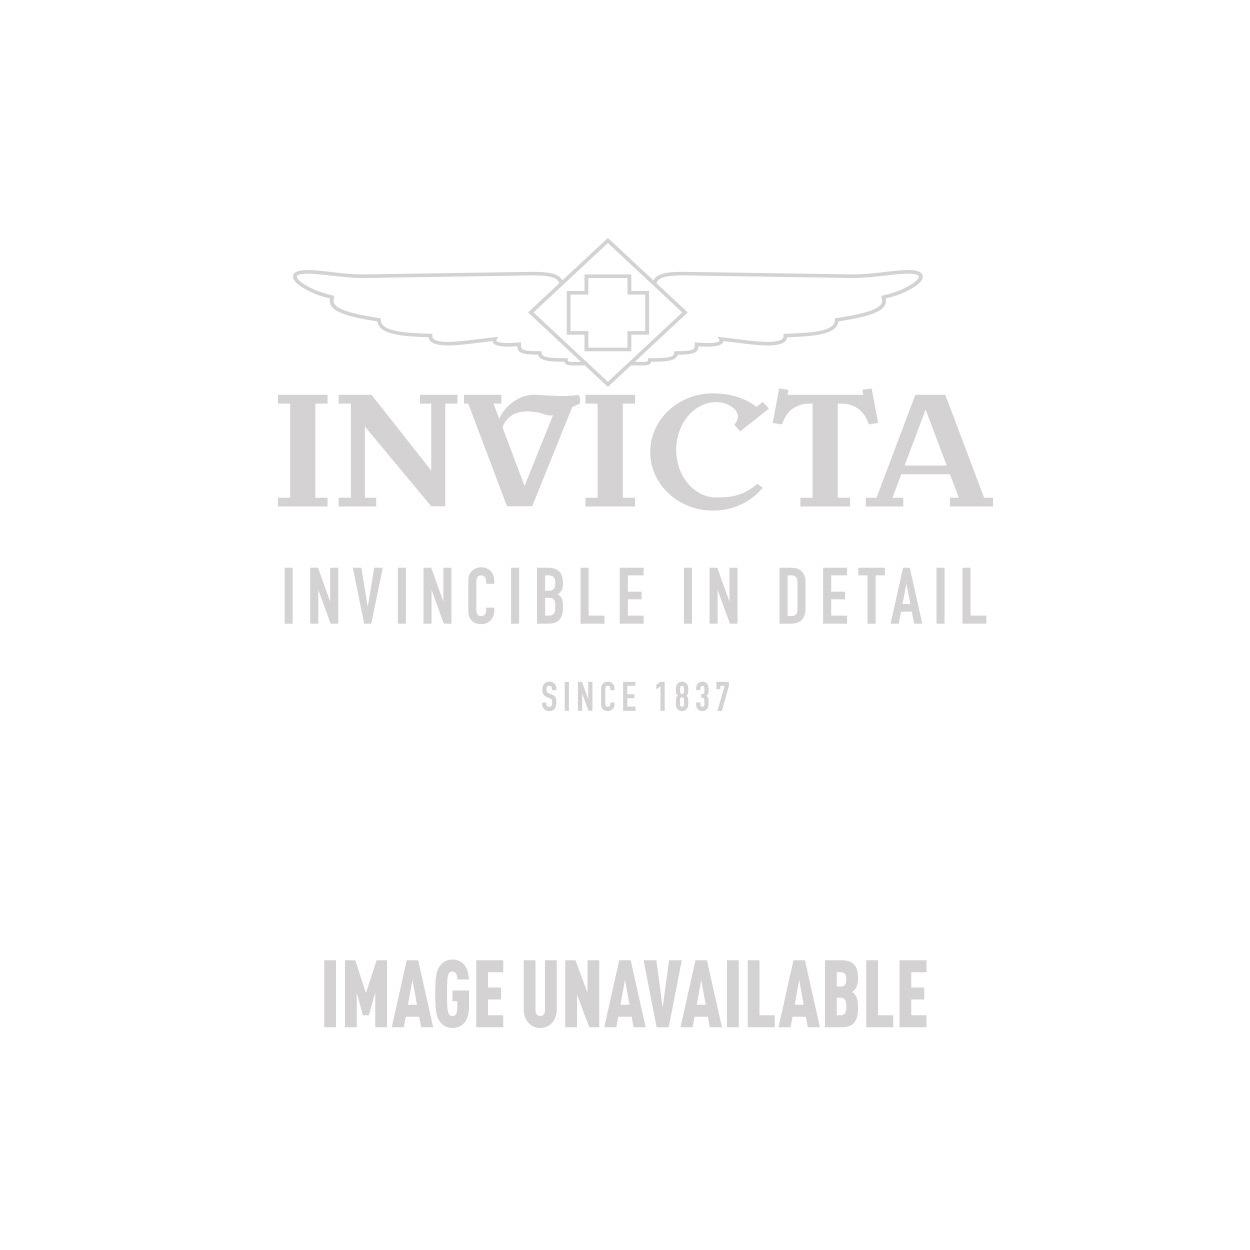 Invicta Model 28940